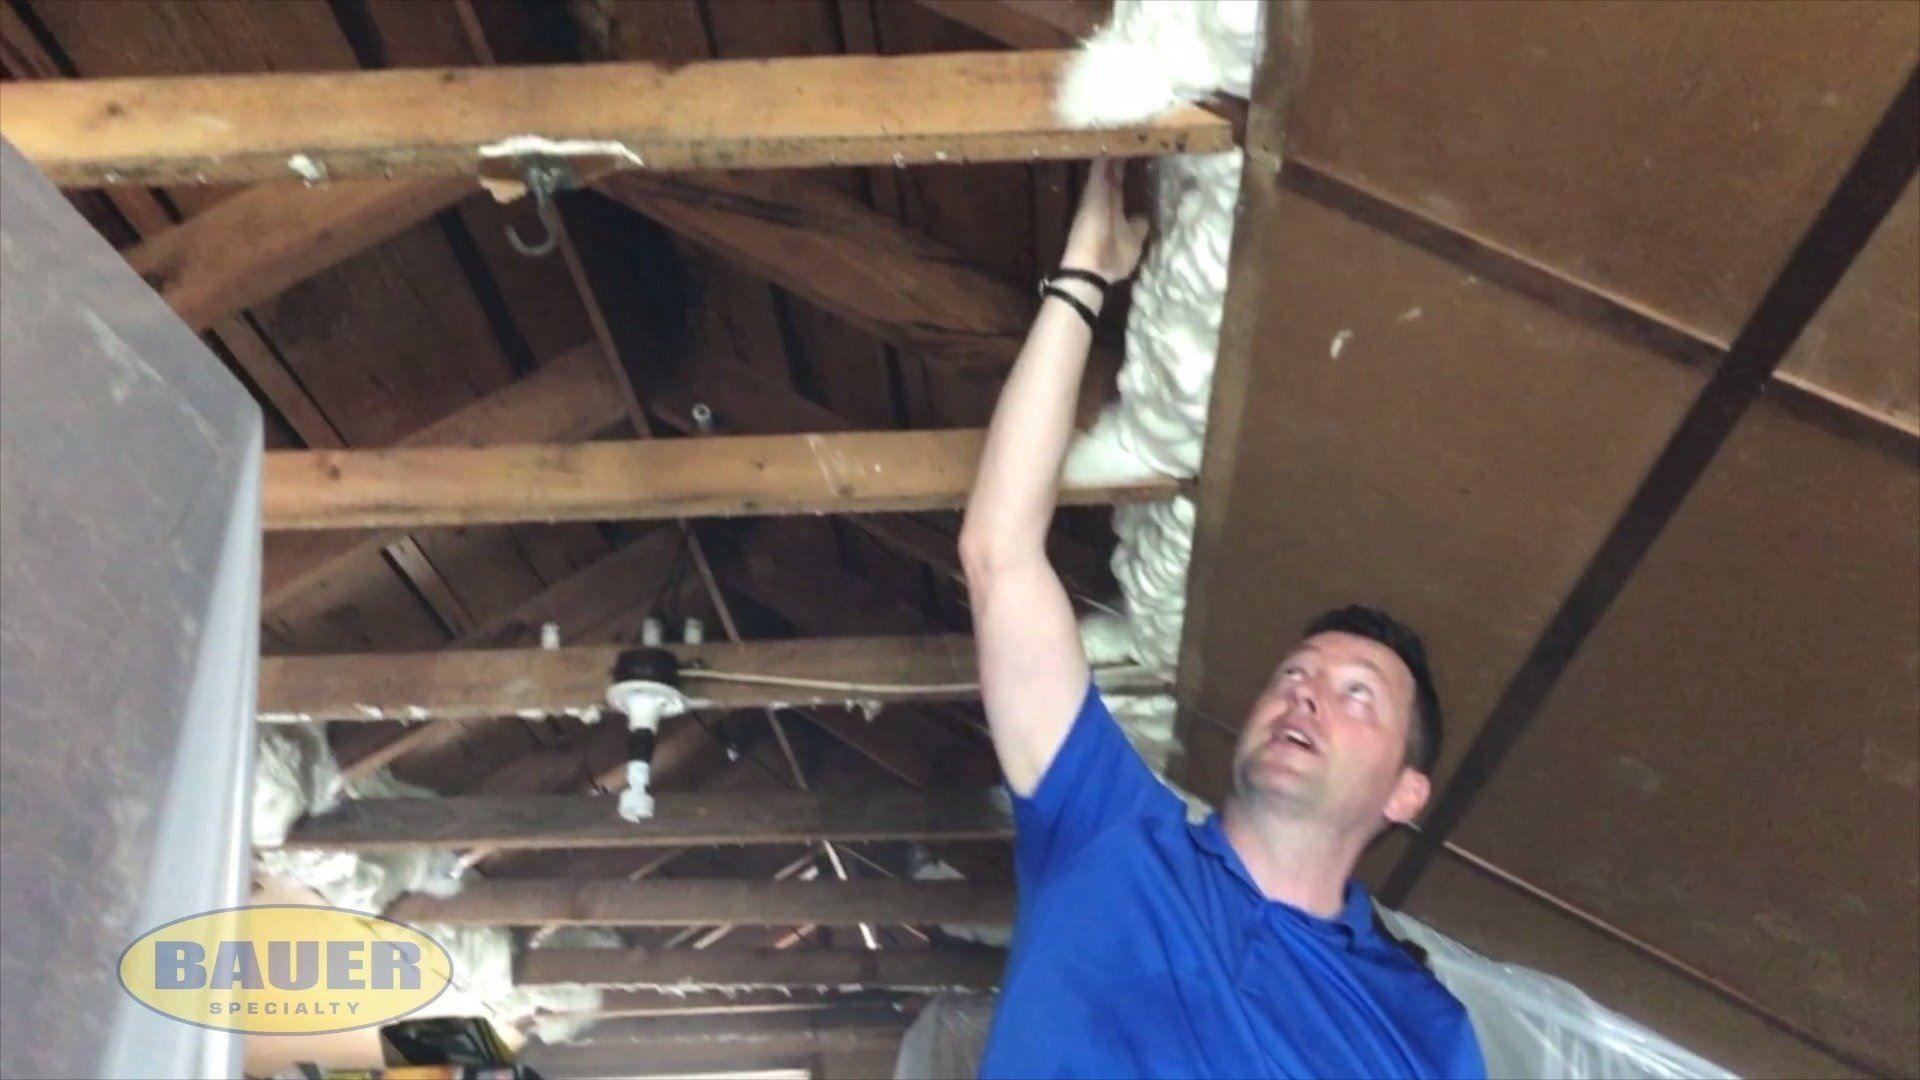 Spray Foam Insulation Erie Pa Gutter Repair Spray Foam Insulation Installing Insulation